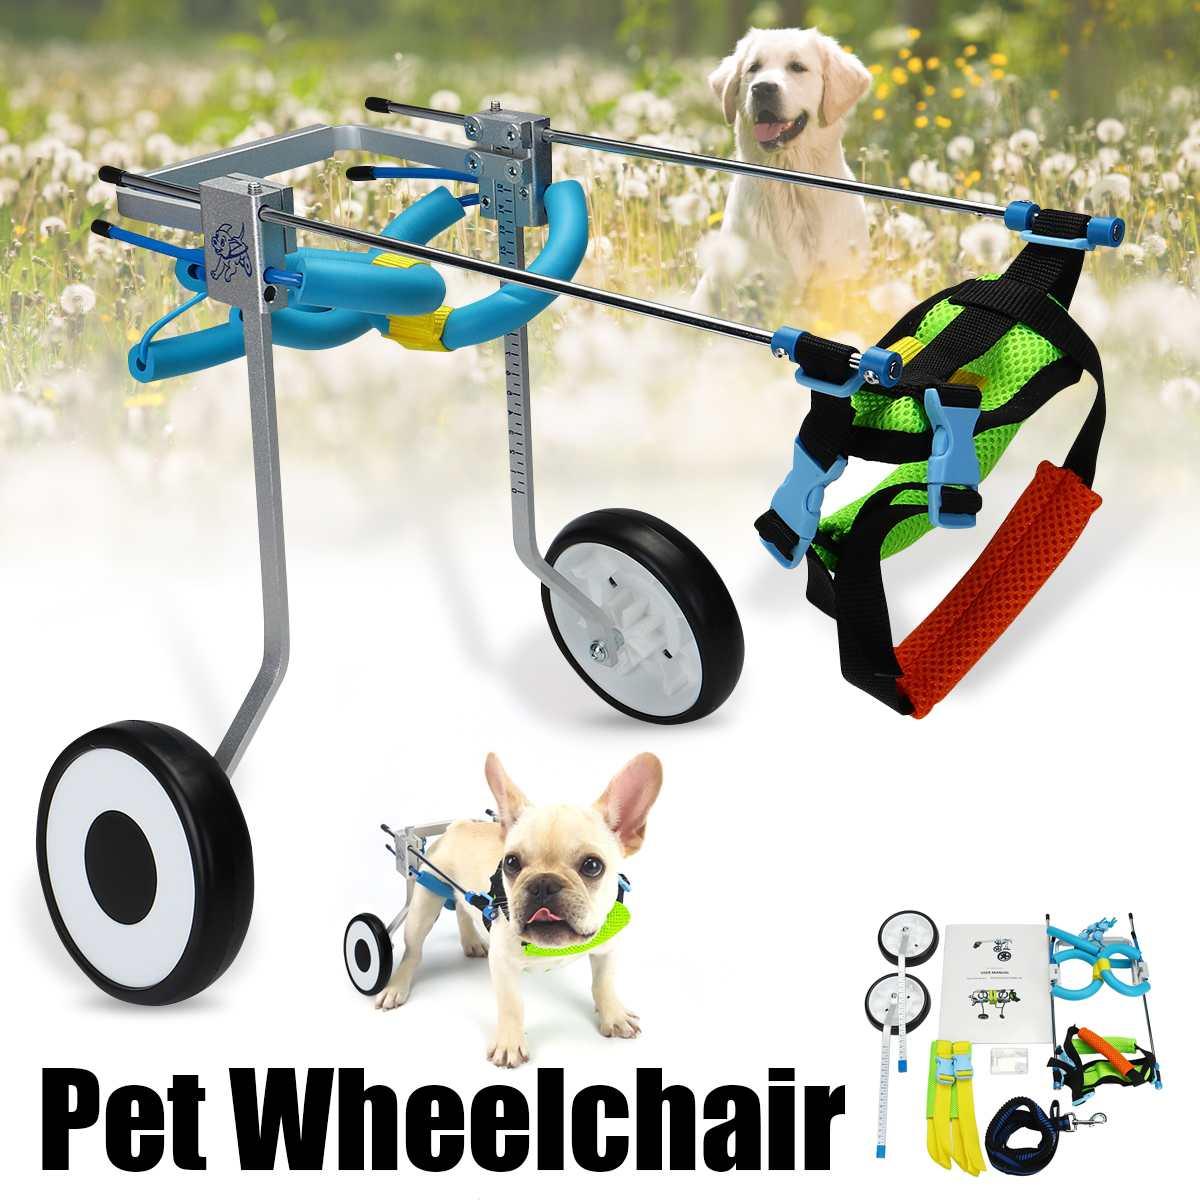 2 roue 5 Chien Chat En Fauteuil Roulant En Aluminium XS Modèle Marche Panier Scooter Pour Handicapés Patte arrière peut Ajusté pet Poids 3-15 kg